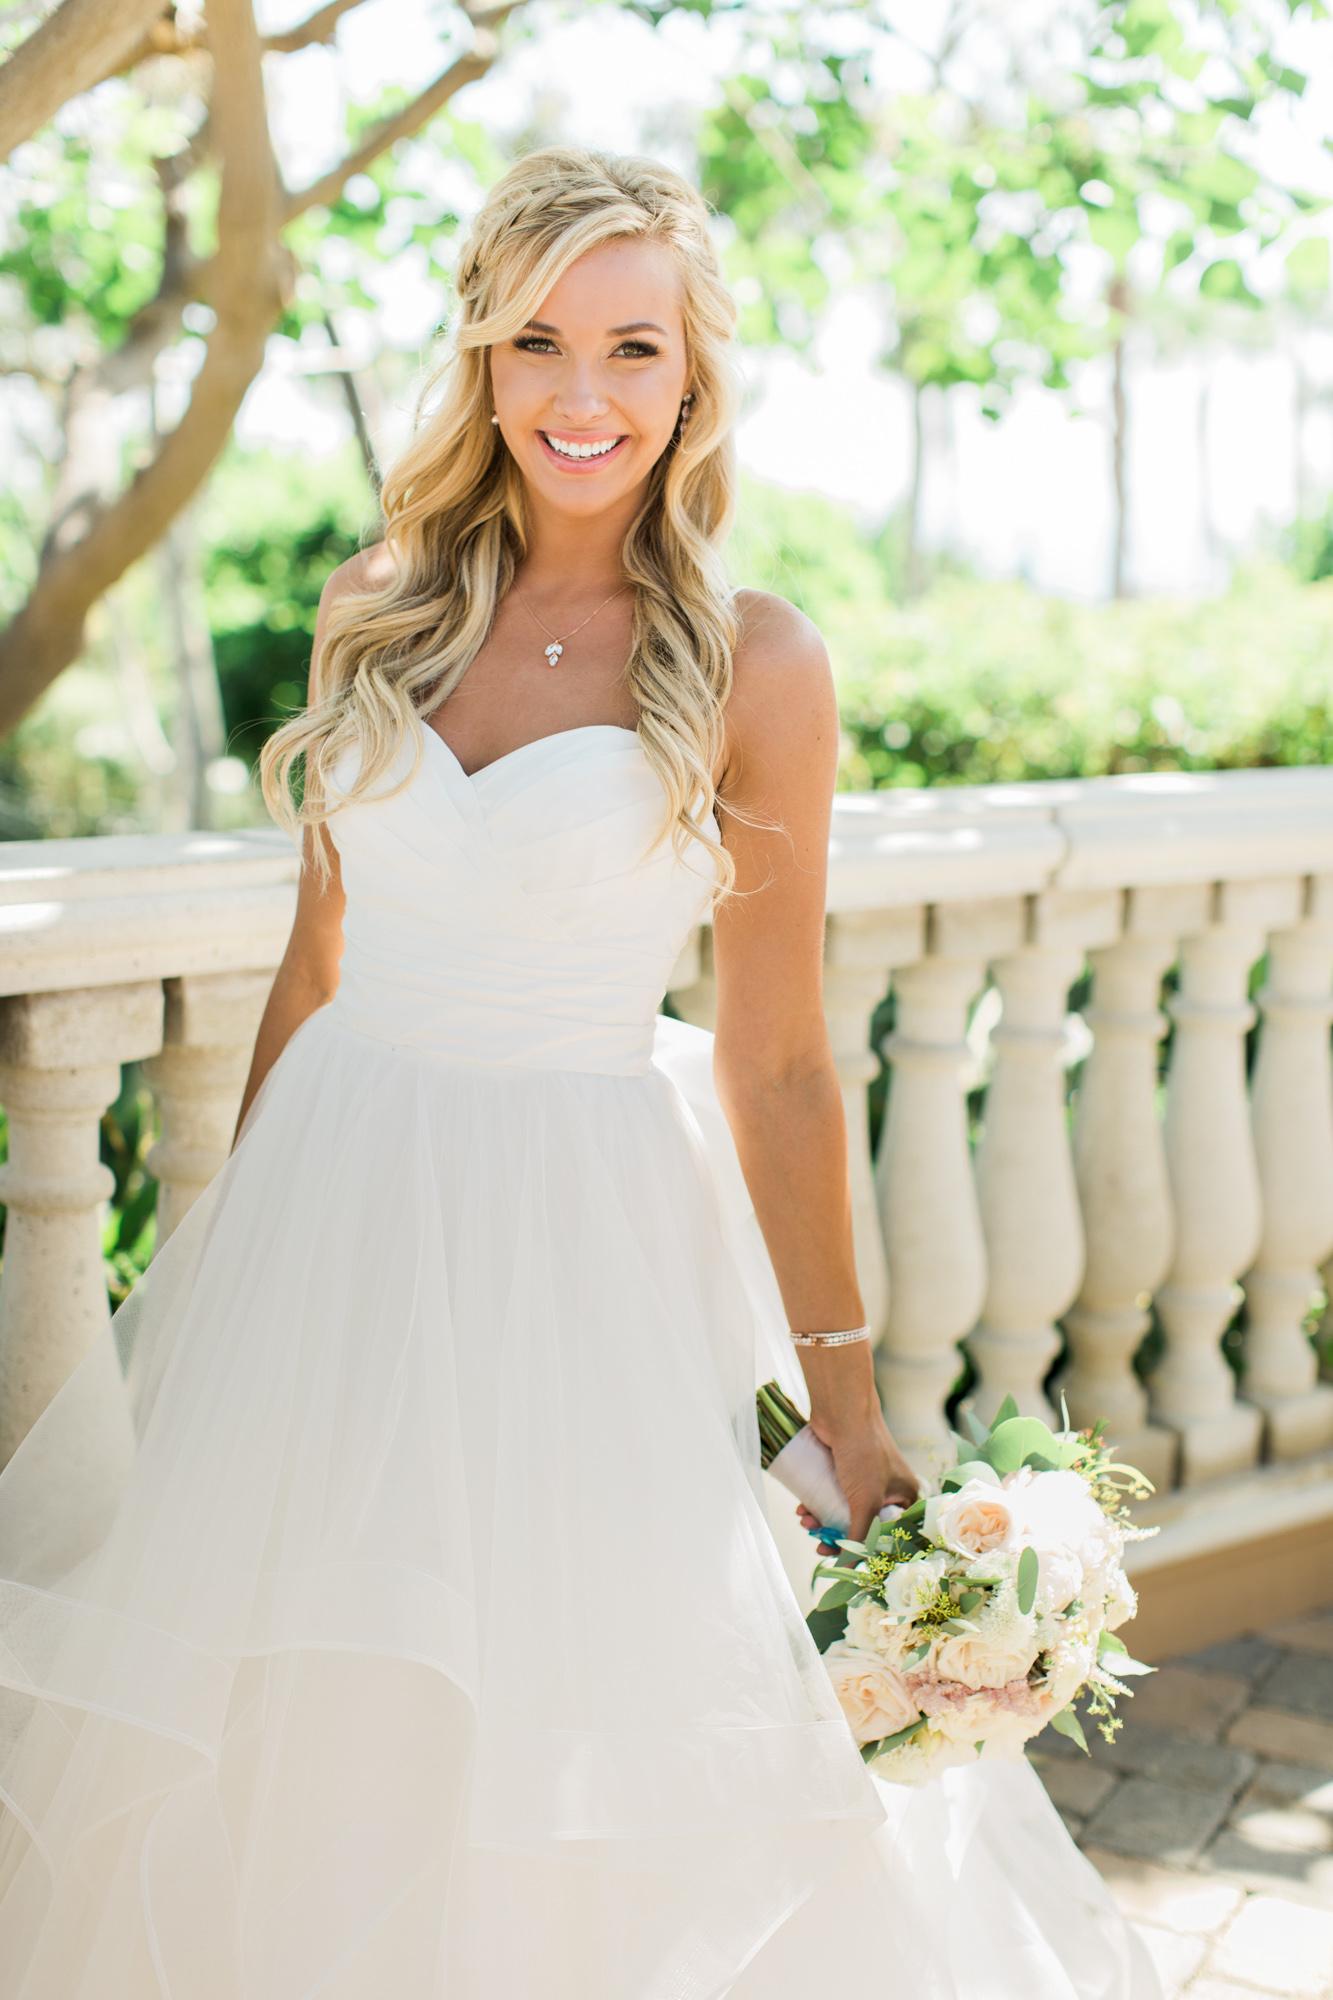 Orange_County_Laguna_Beach_Gorgeous_Bride_Hair_Makeup_6.jpg